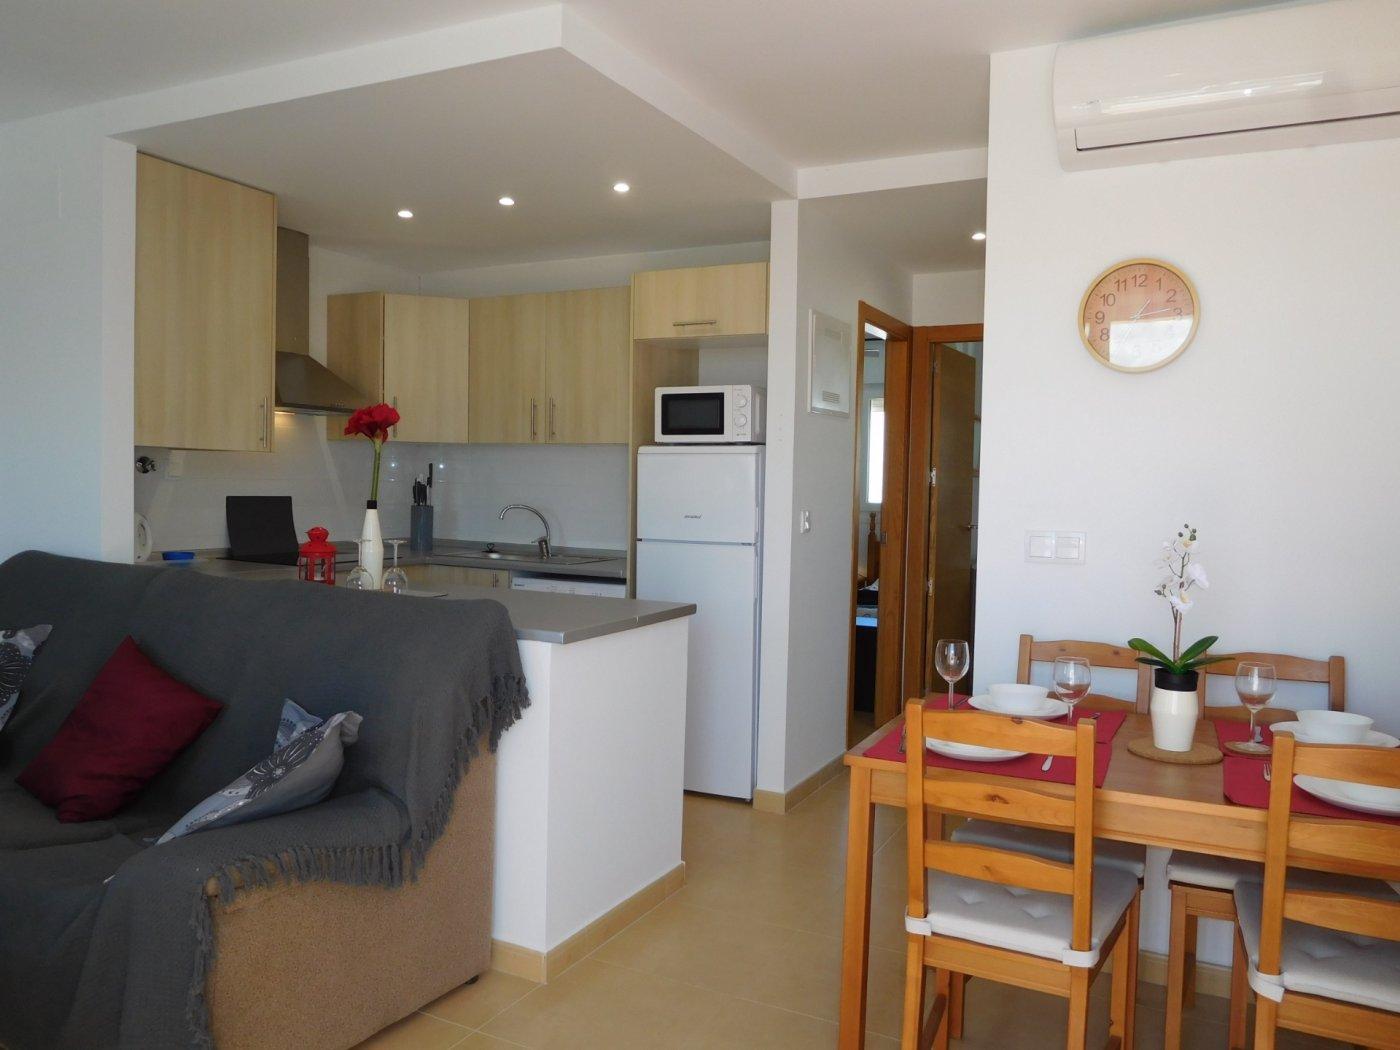 Image 2 Apartment ref 3265-03302 for rent in Condado De Alhama Spain - Quality Homes Costa Cálida